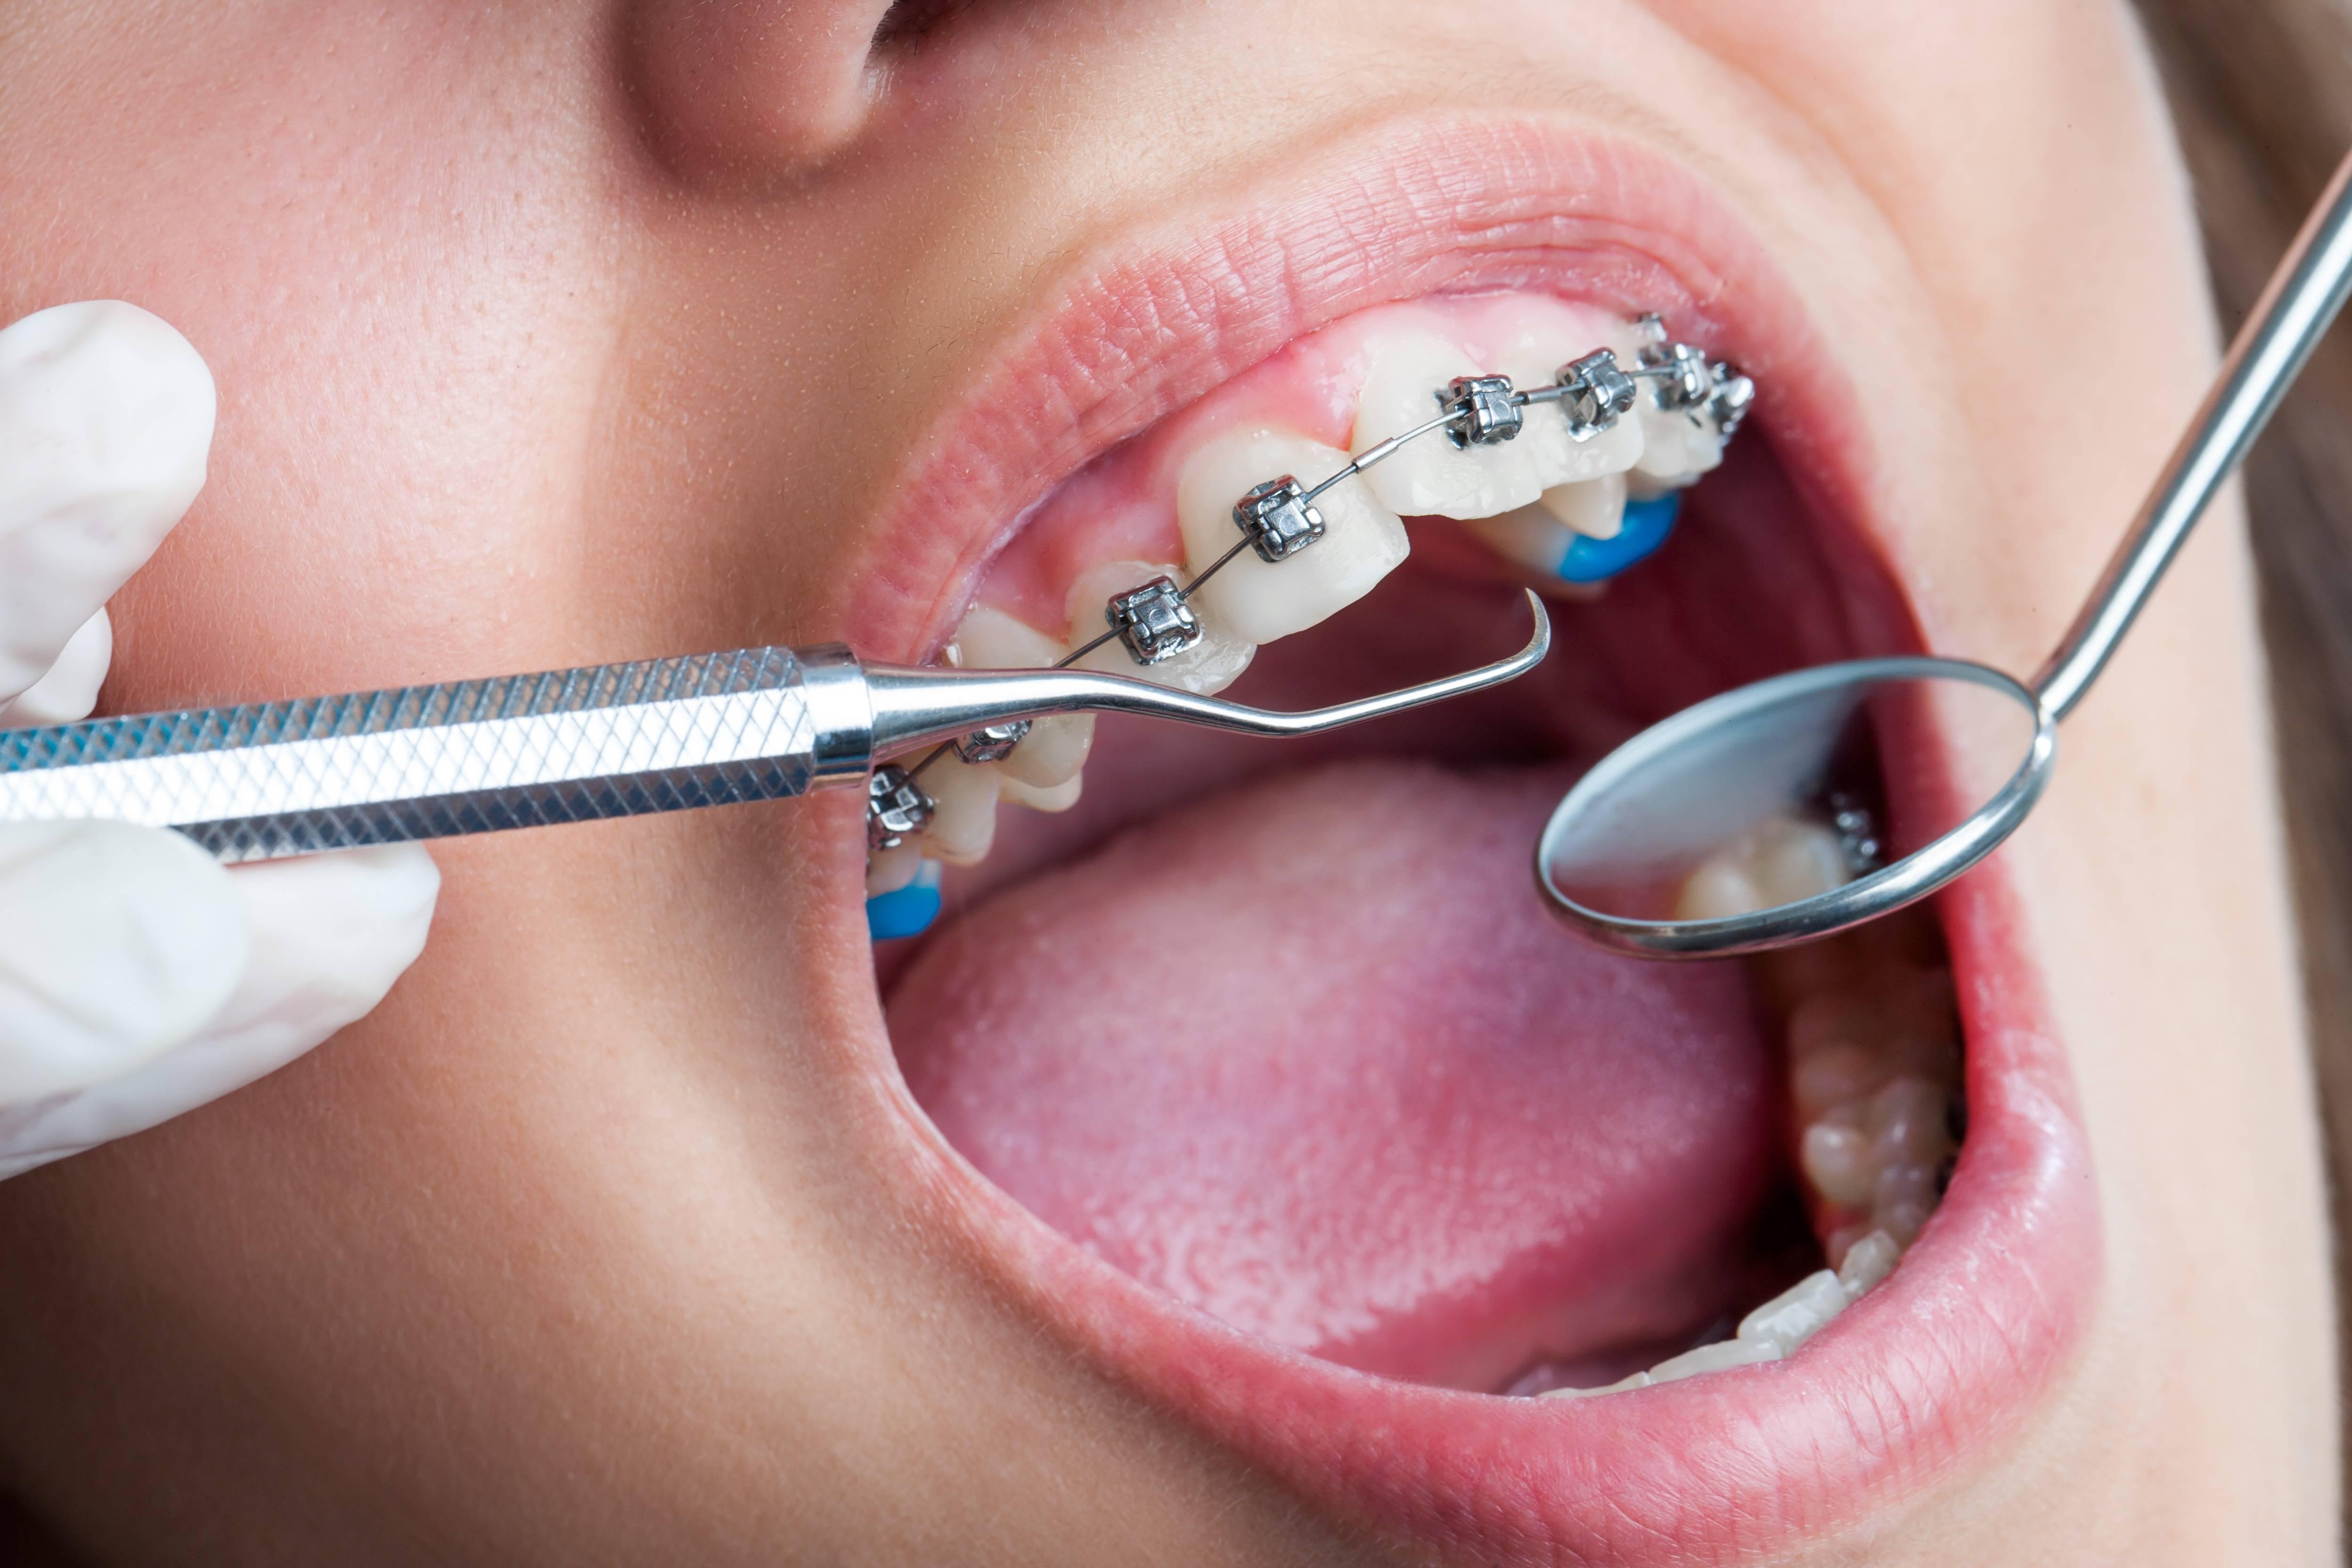 поставили брекеты очень болят зубы что делать